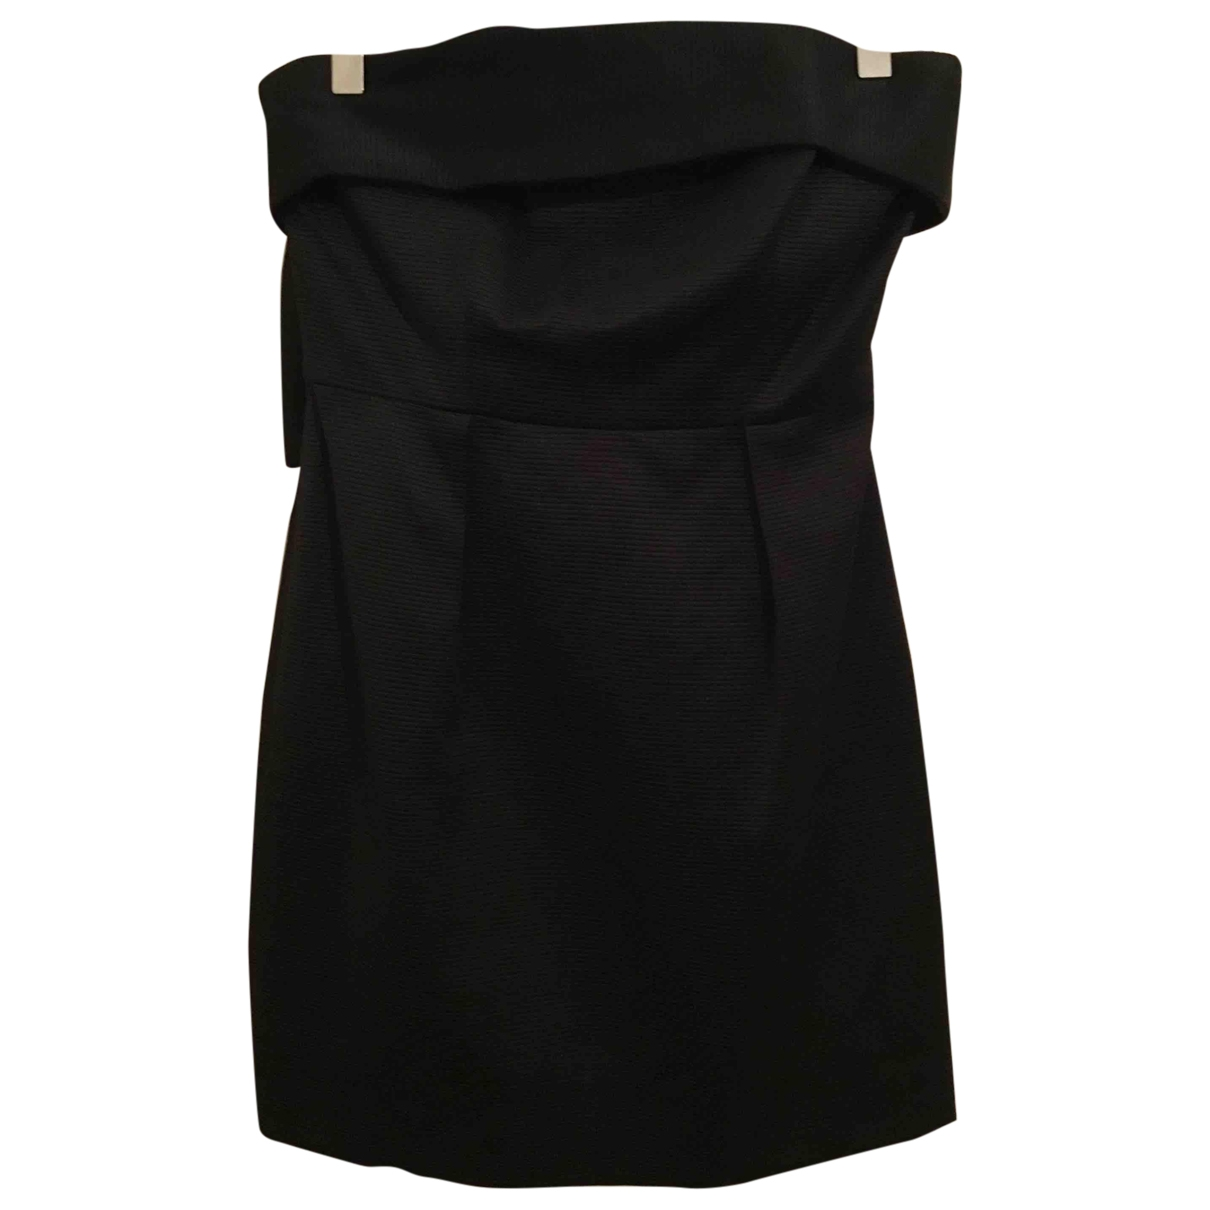 Lk Bennett \N Black Cotton - elasthane dress for Women 36 FR